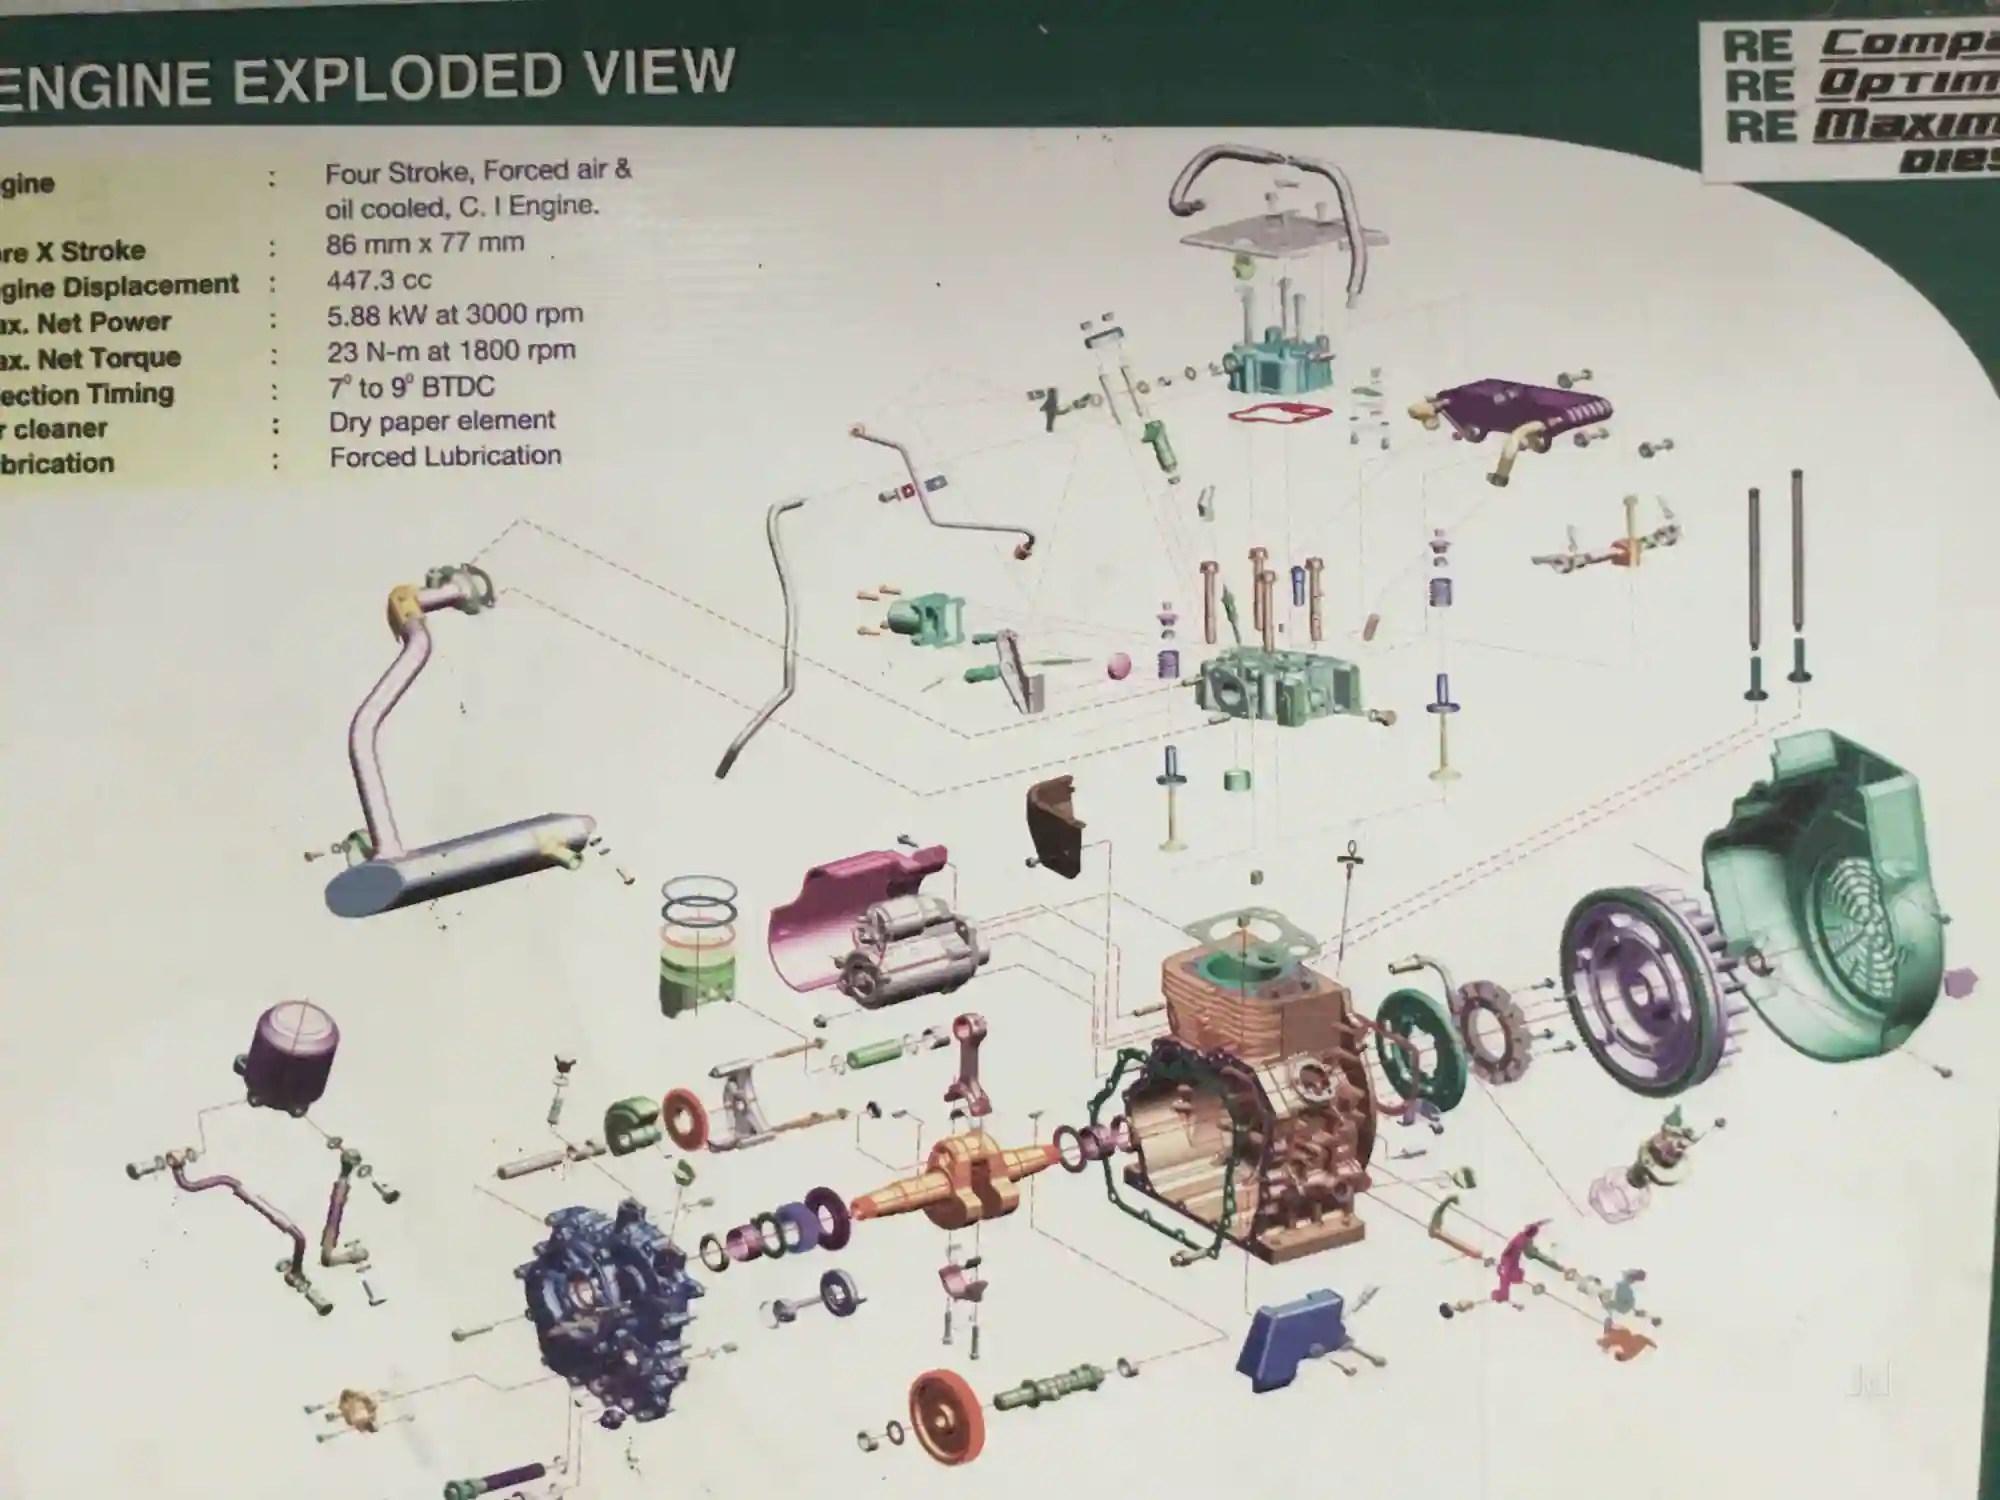 hight resolution of auto rickshaw engine diagram wiring diagram g11 engine parts diagram auto rickshaw engine diagram